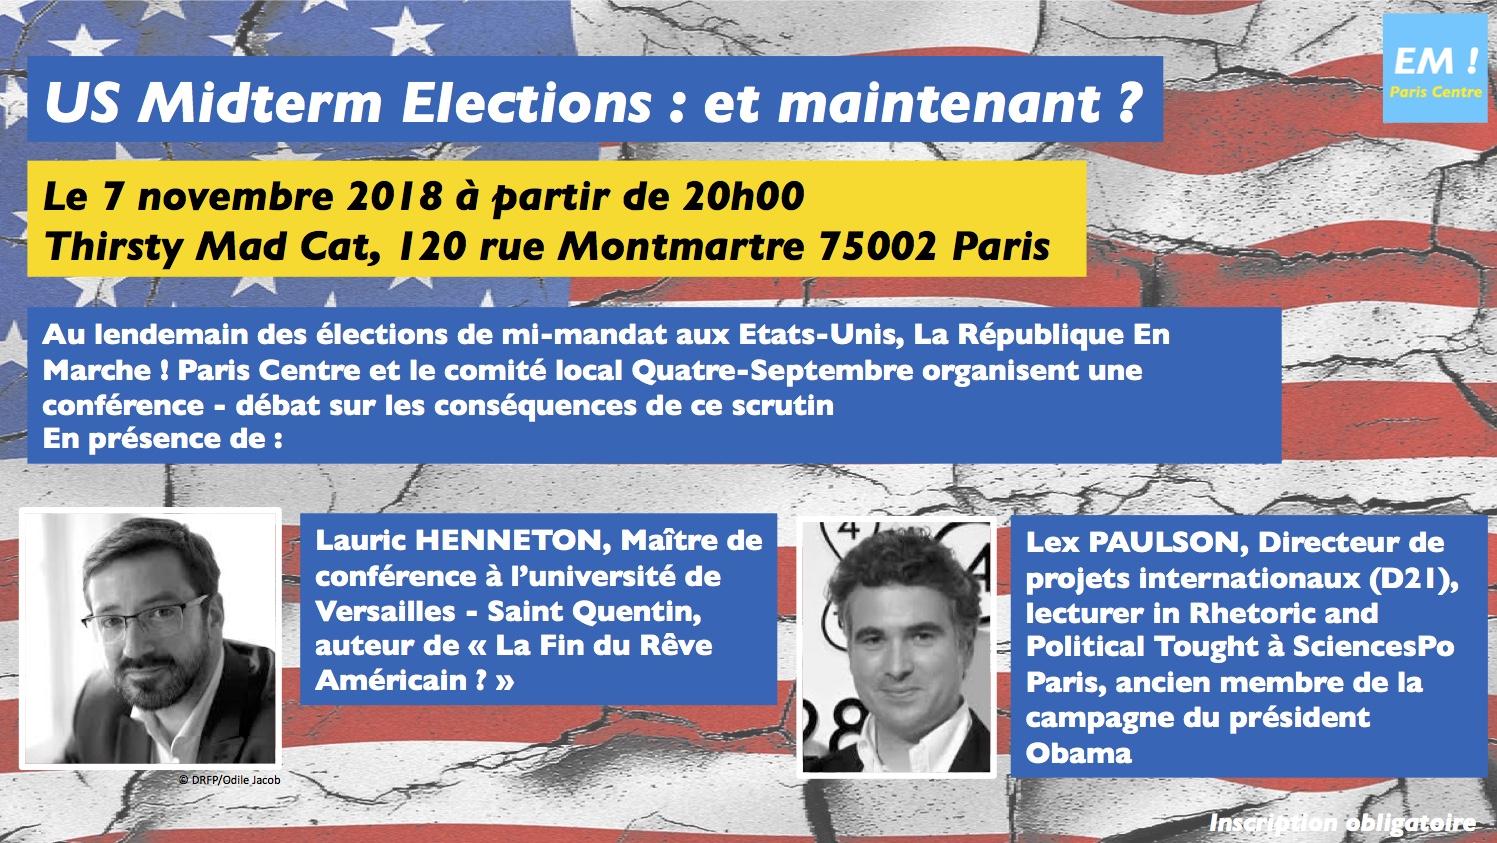 US Midterm Elections : et maintenant ?